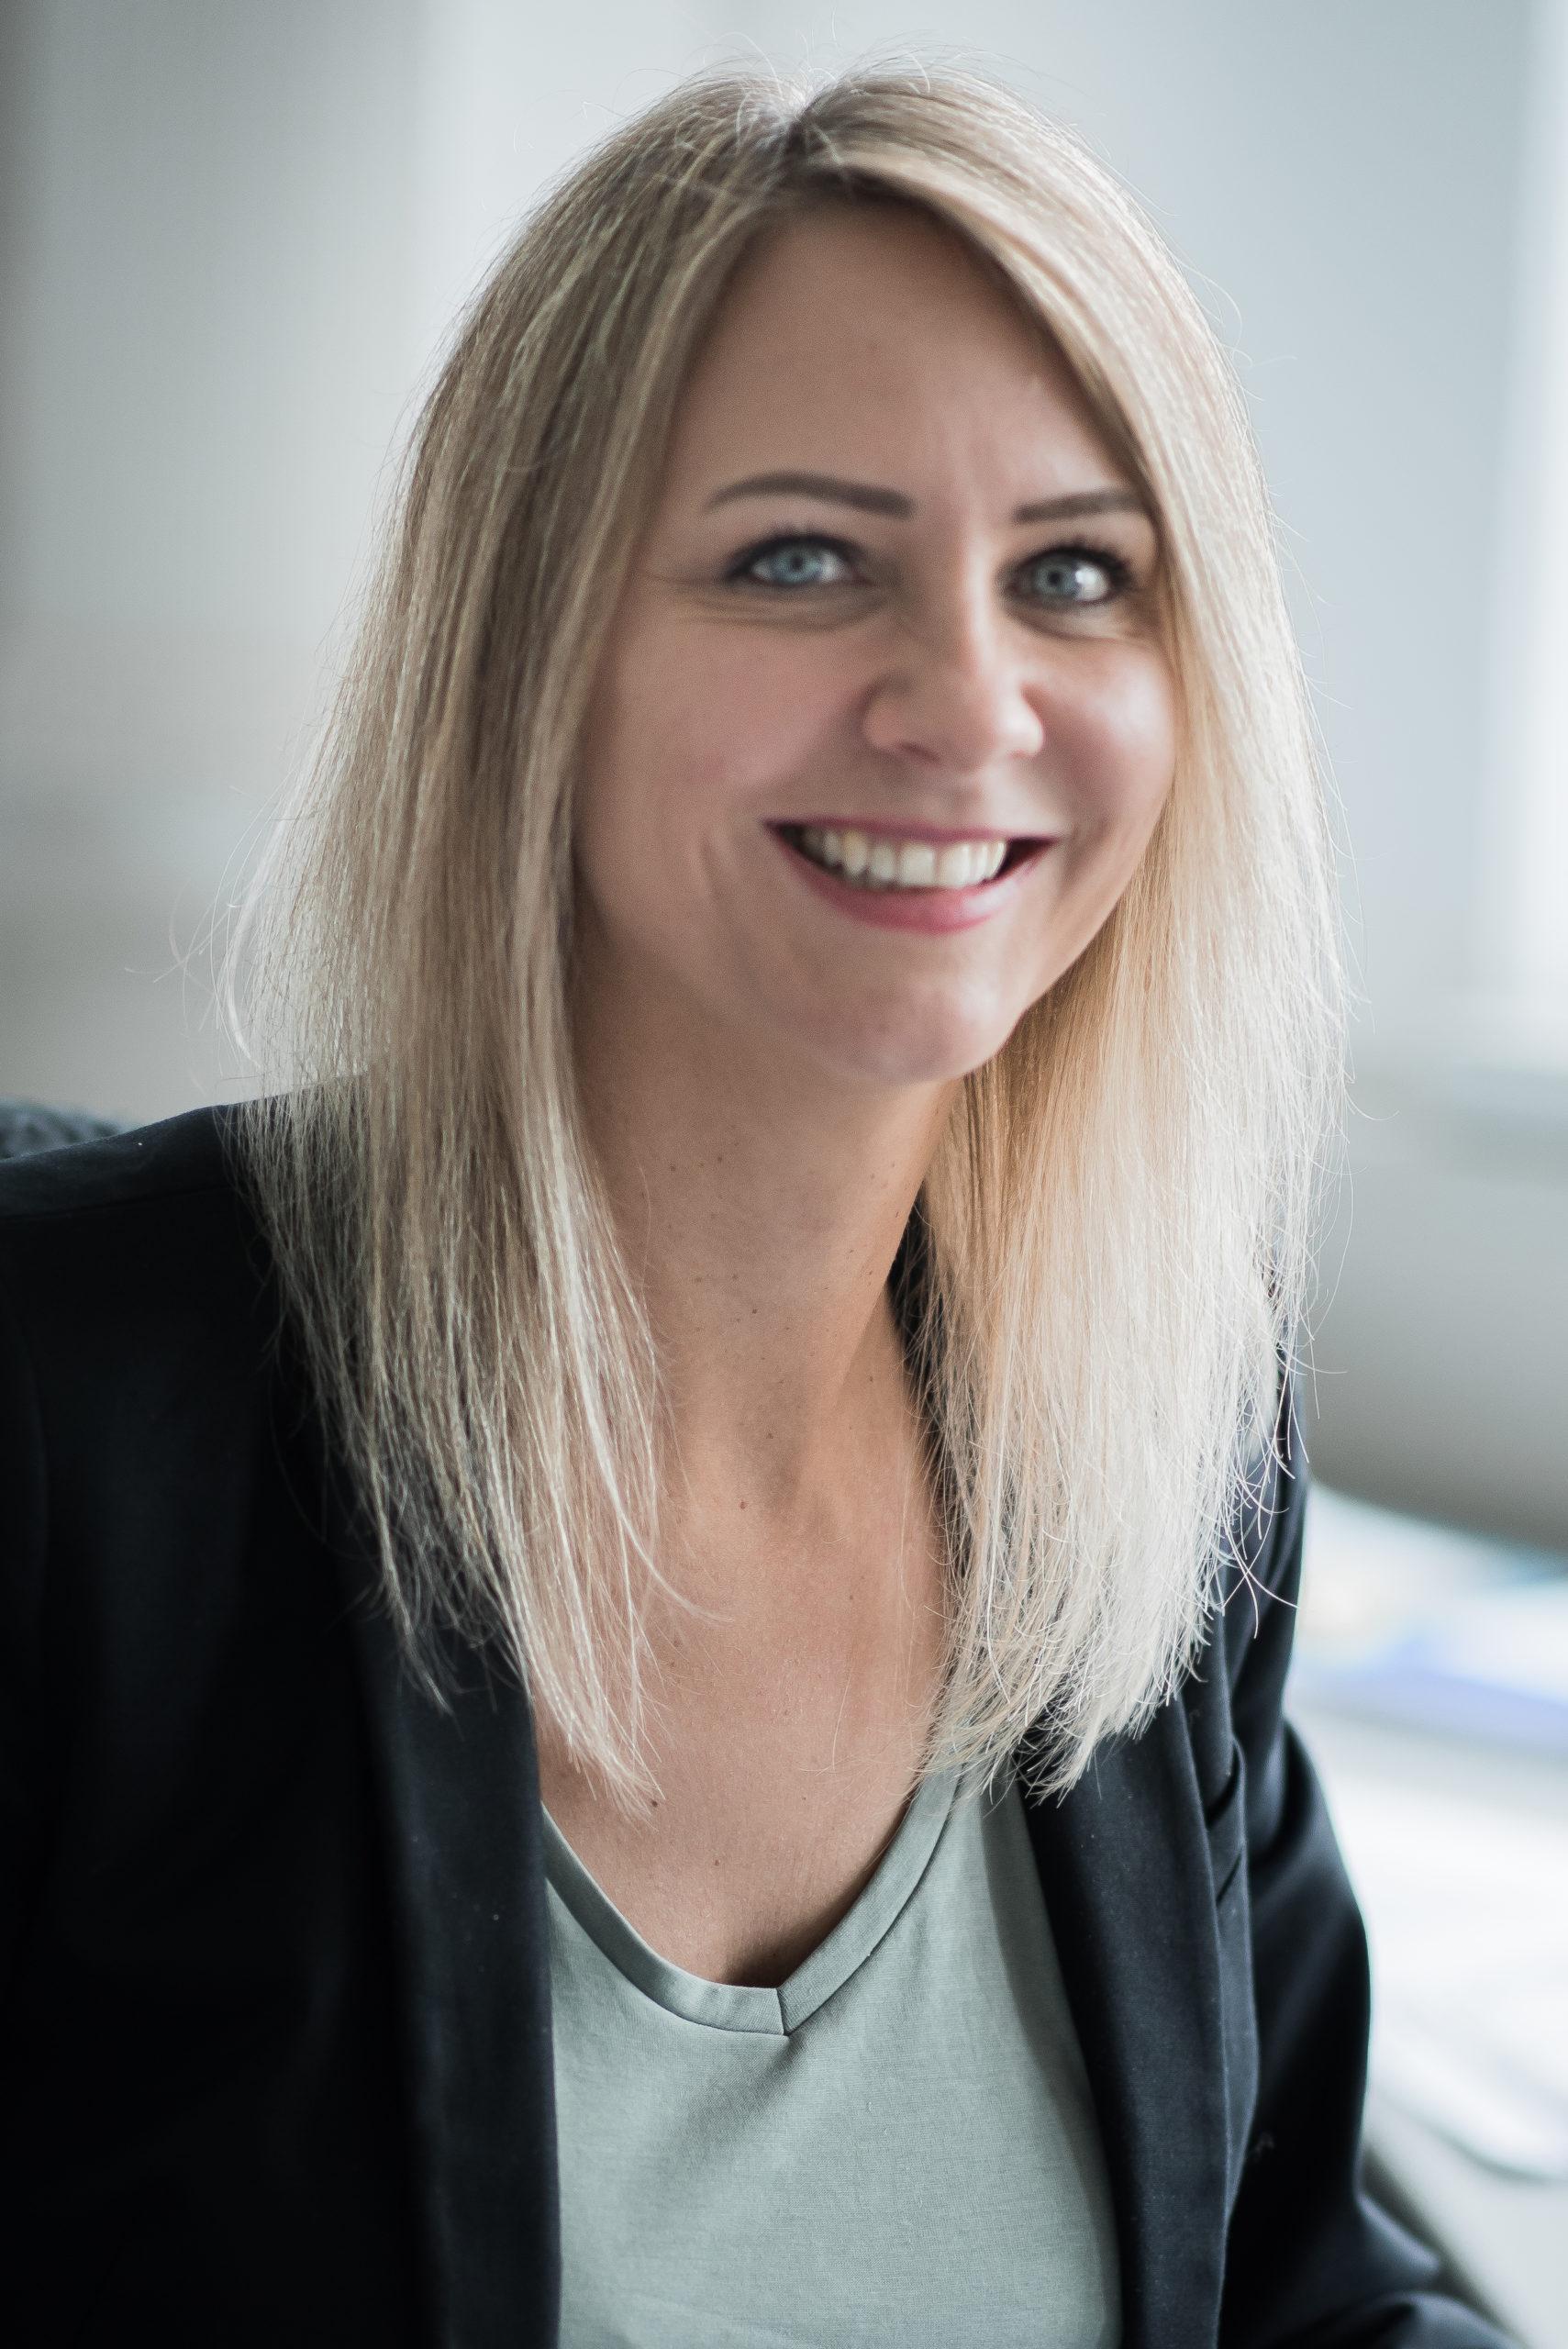 Portraitfoto von Verena Richter, Leitung Materialwirtschaft bei productware